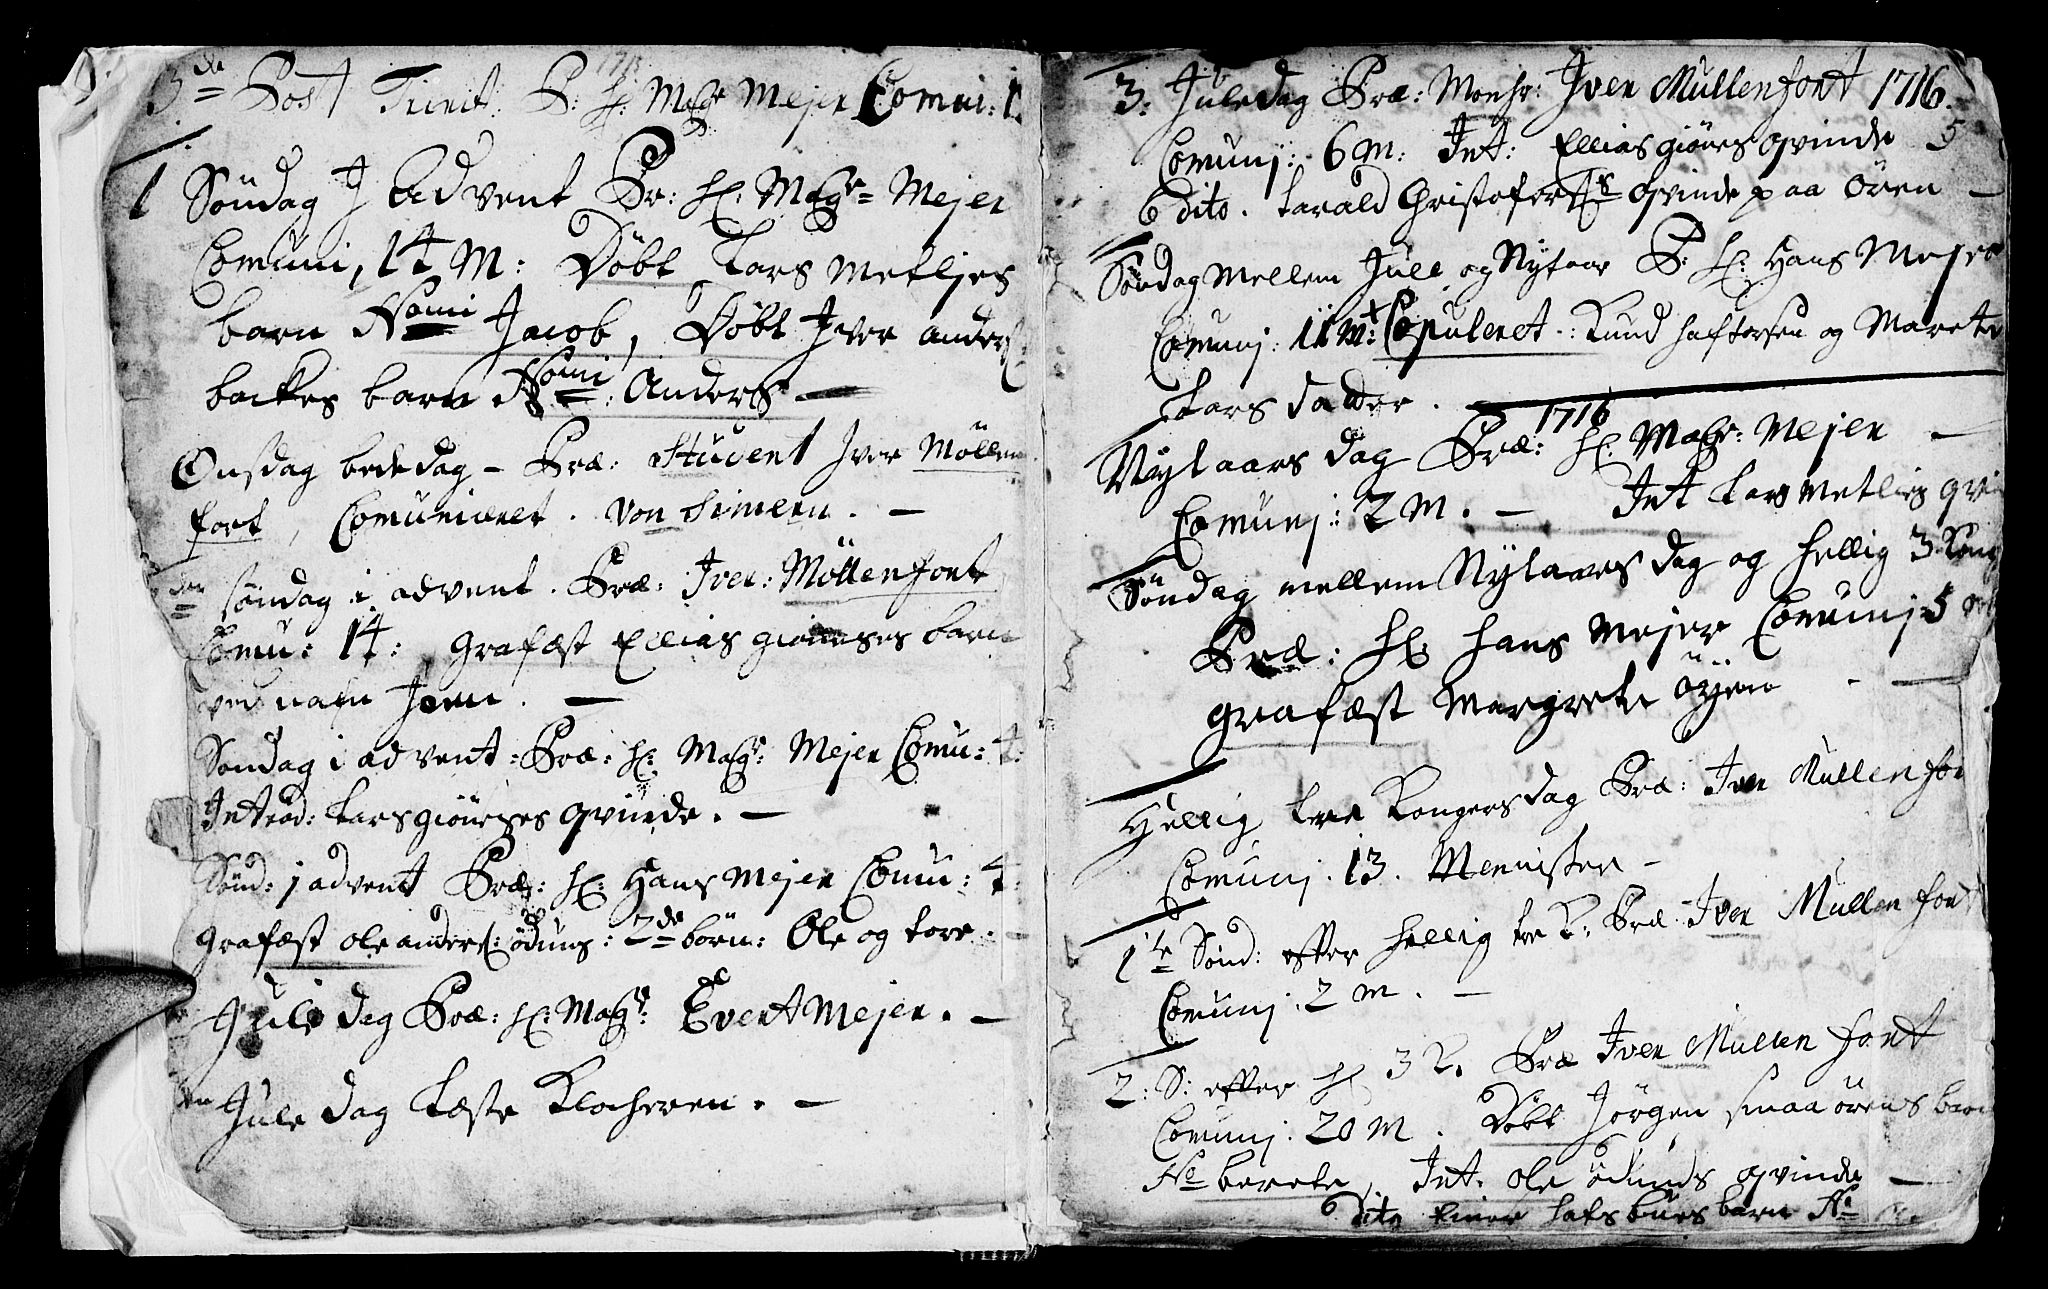 SAT, Ministerialprotokoller, klokkerbøker og fødselsregistre - Sør-Trøndelag, 668/L0812: Klokkerbok nr. 668C01, 1715-1742, s. 5